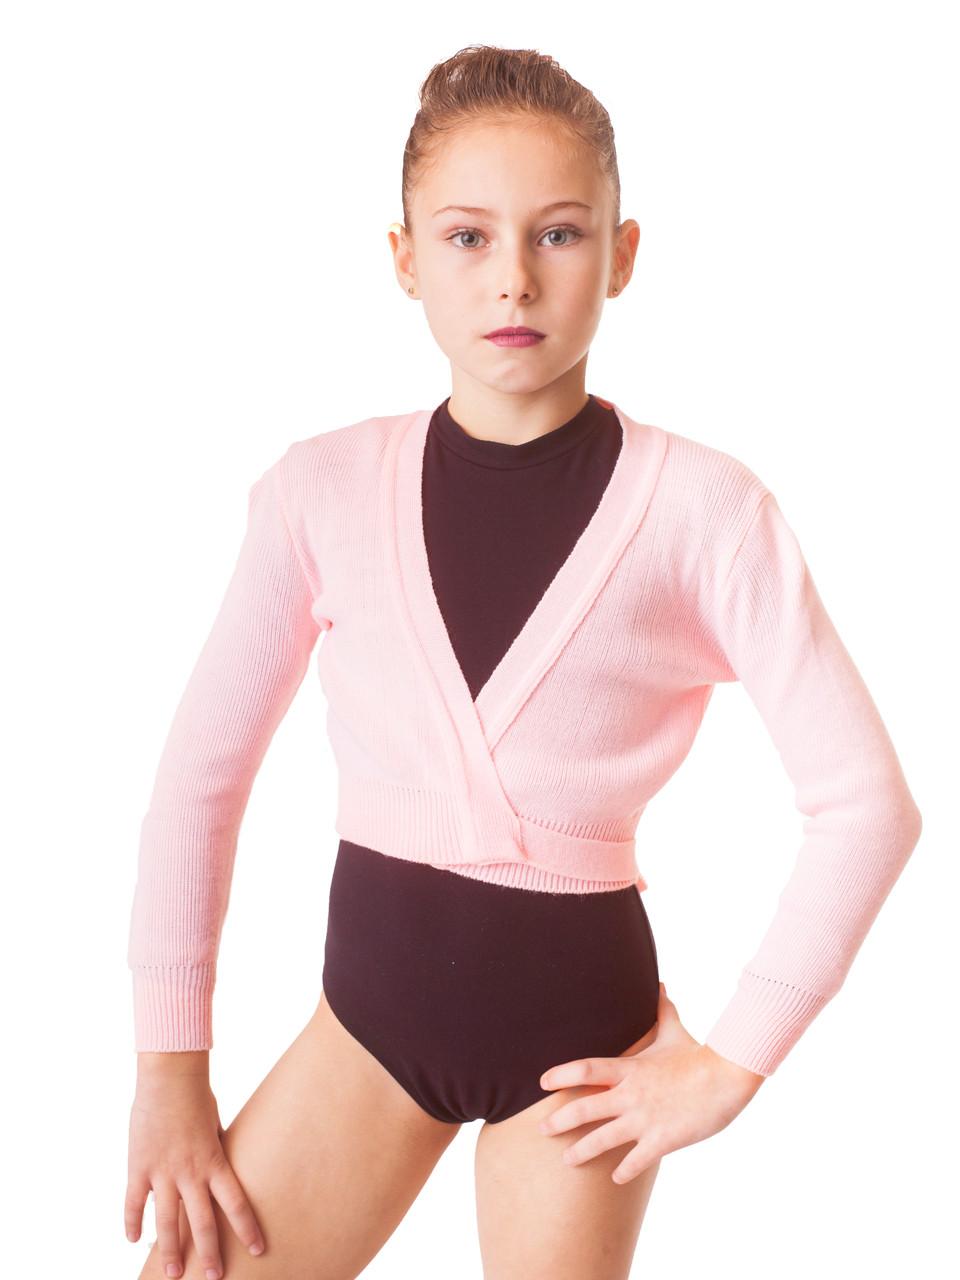 Детская разогревочная кофта Акрил Розовая